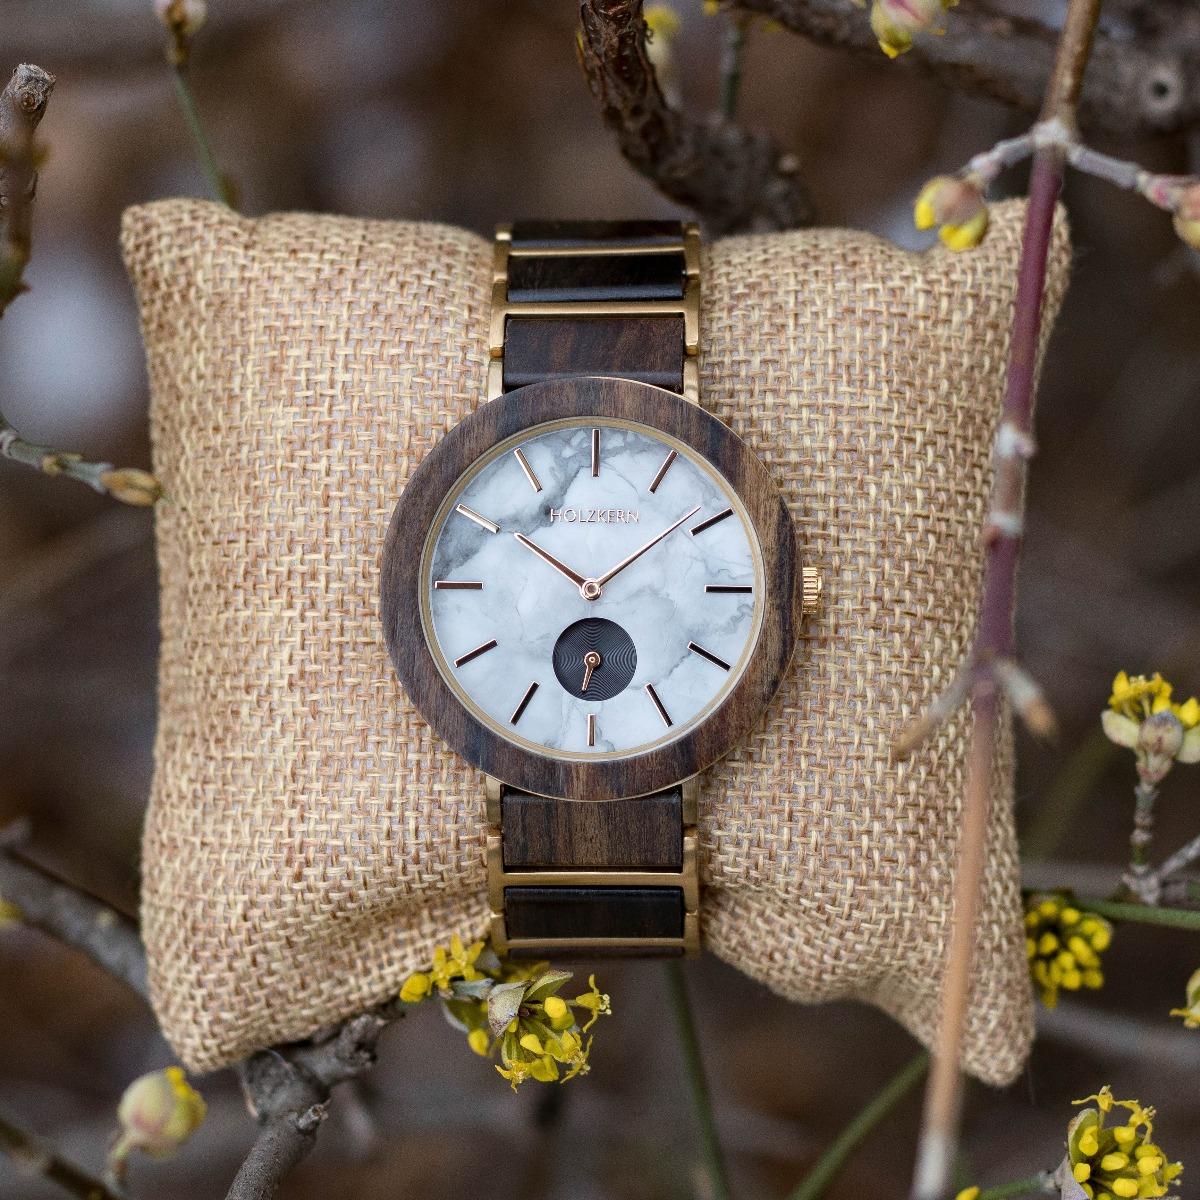 Holzkern Holzuhr aus Leadwood, weißem Marmor und goldenen Edelstahlakzenten auf einem Uhrenpolster umgeben von Geäst